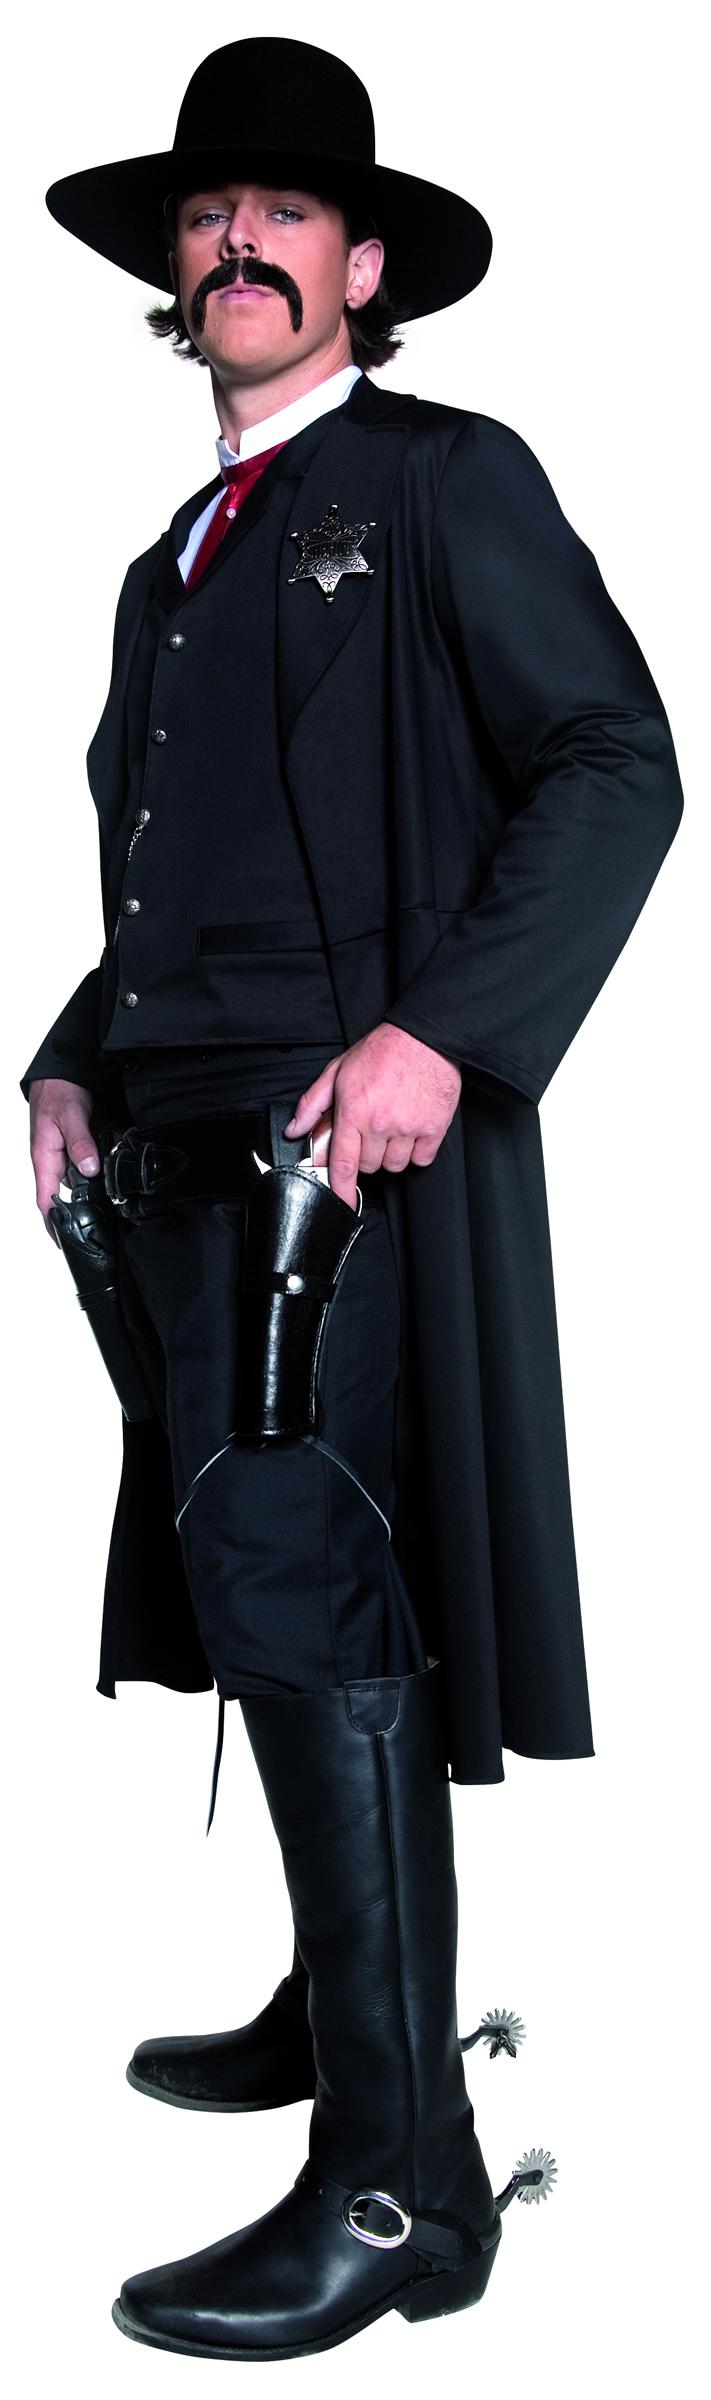 D guisement sh rif adulte costume sh riff homme - Deguisement batman adulte pas cher ...